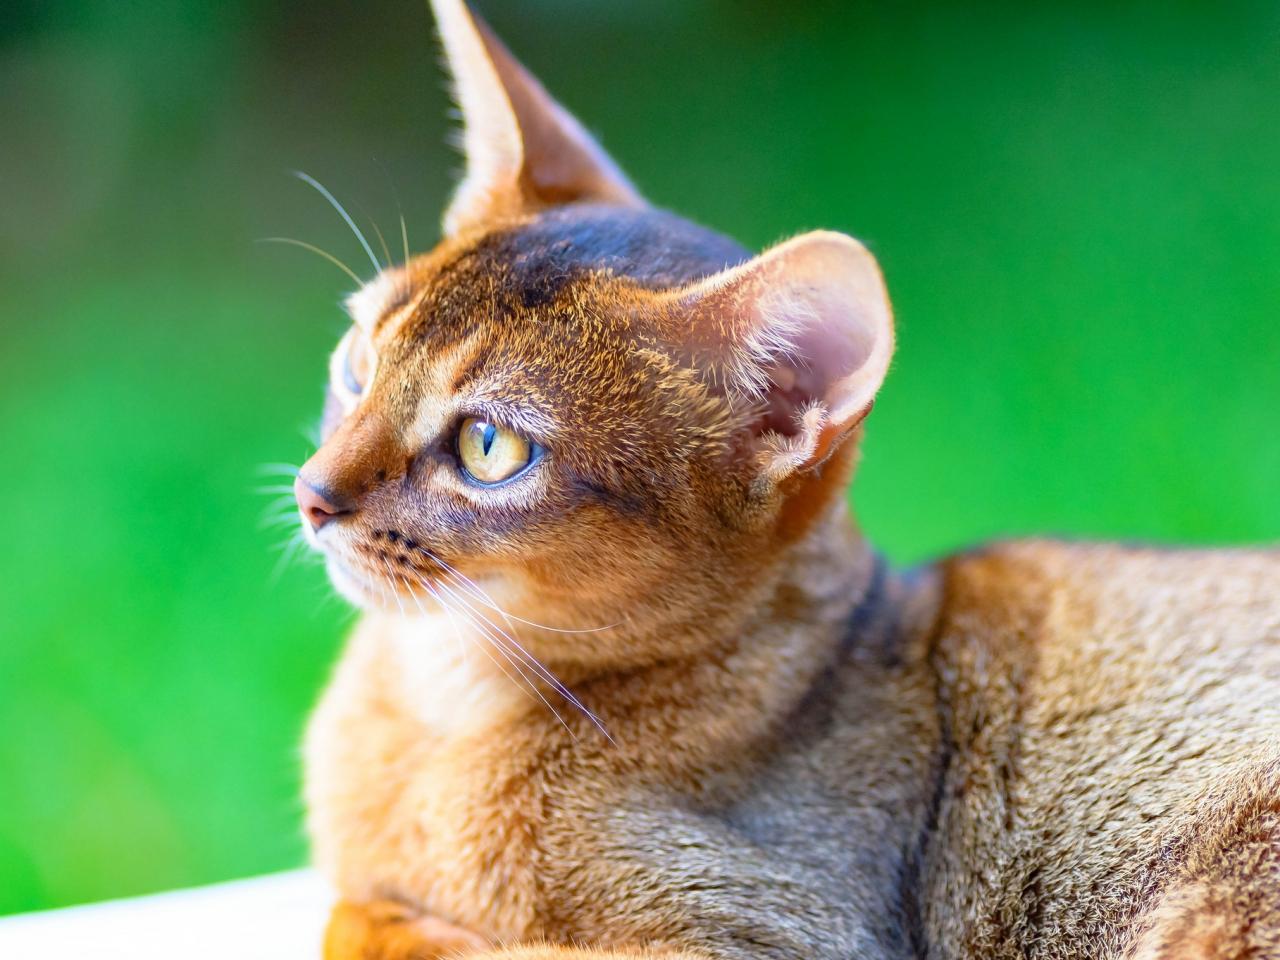 Un gato puma - 1280x960